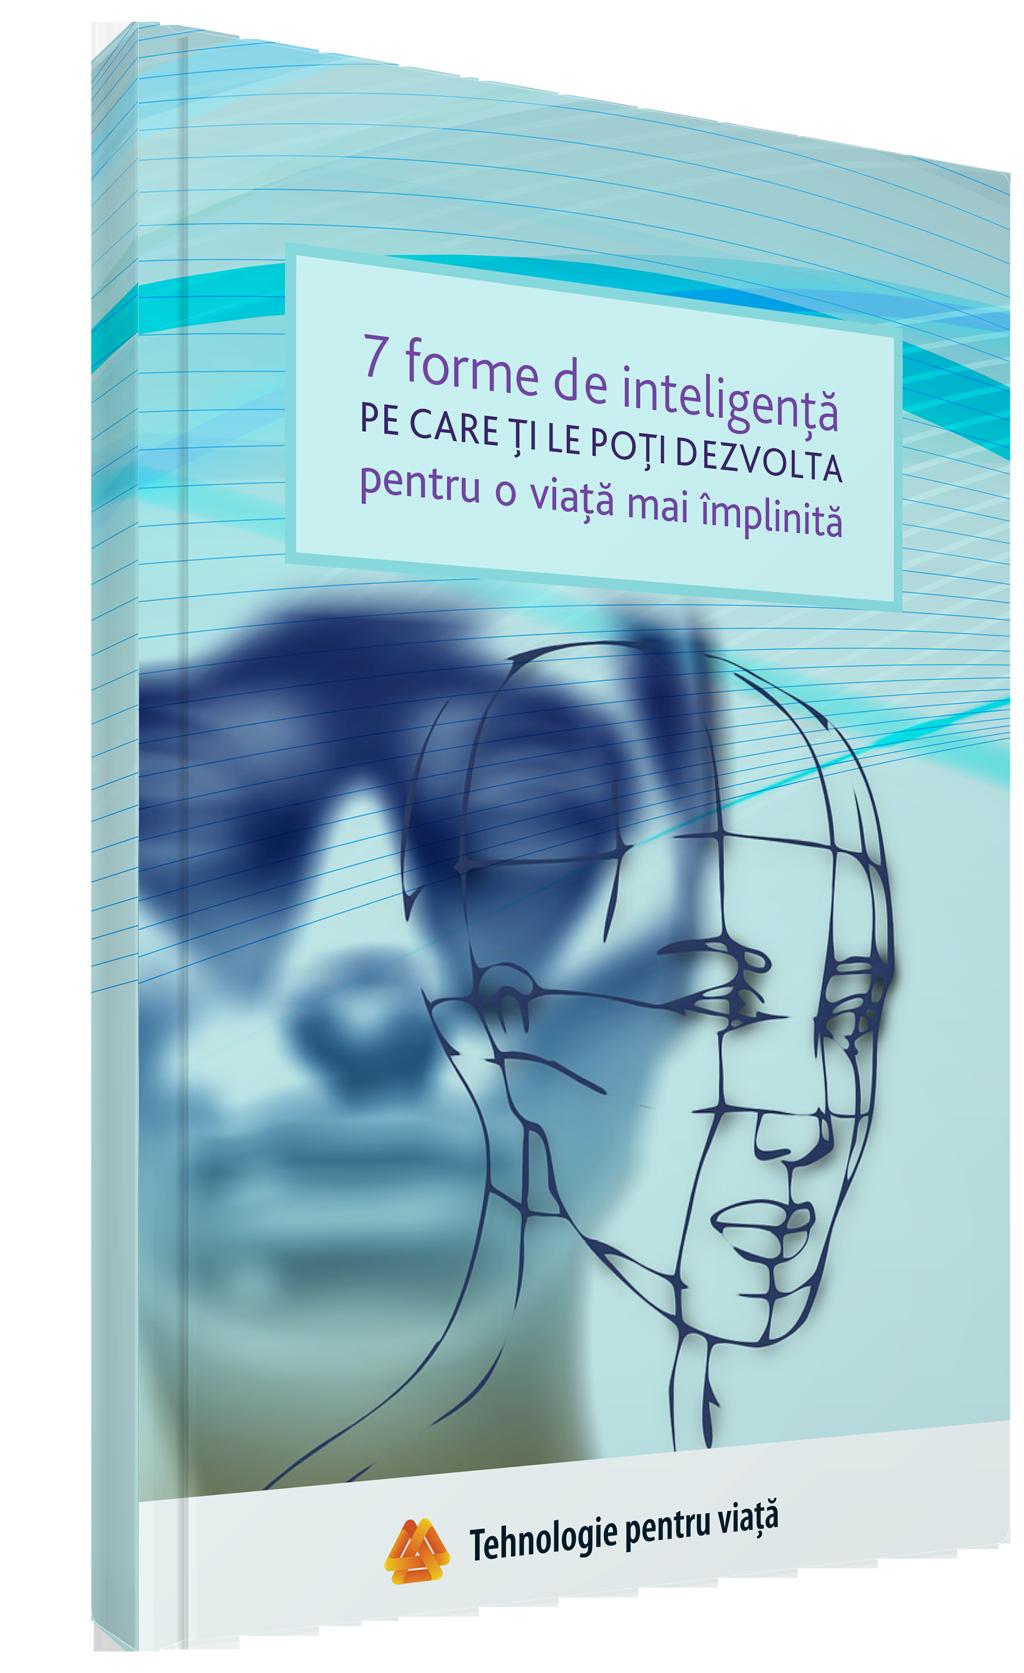 7 forme de inteligență pe care ți le poți dezvolta pentru o viață mai împlinită